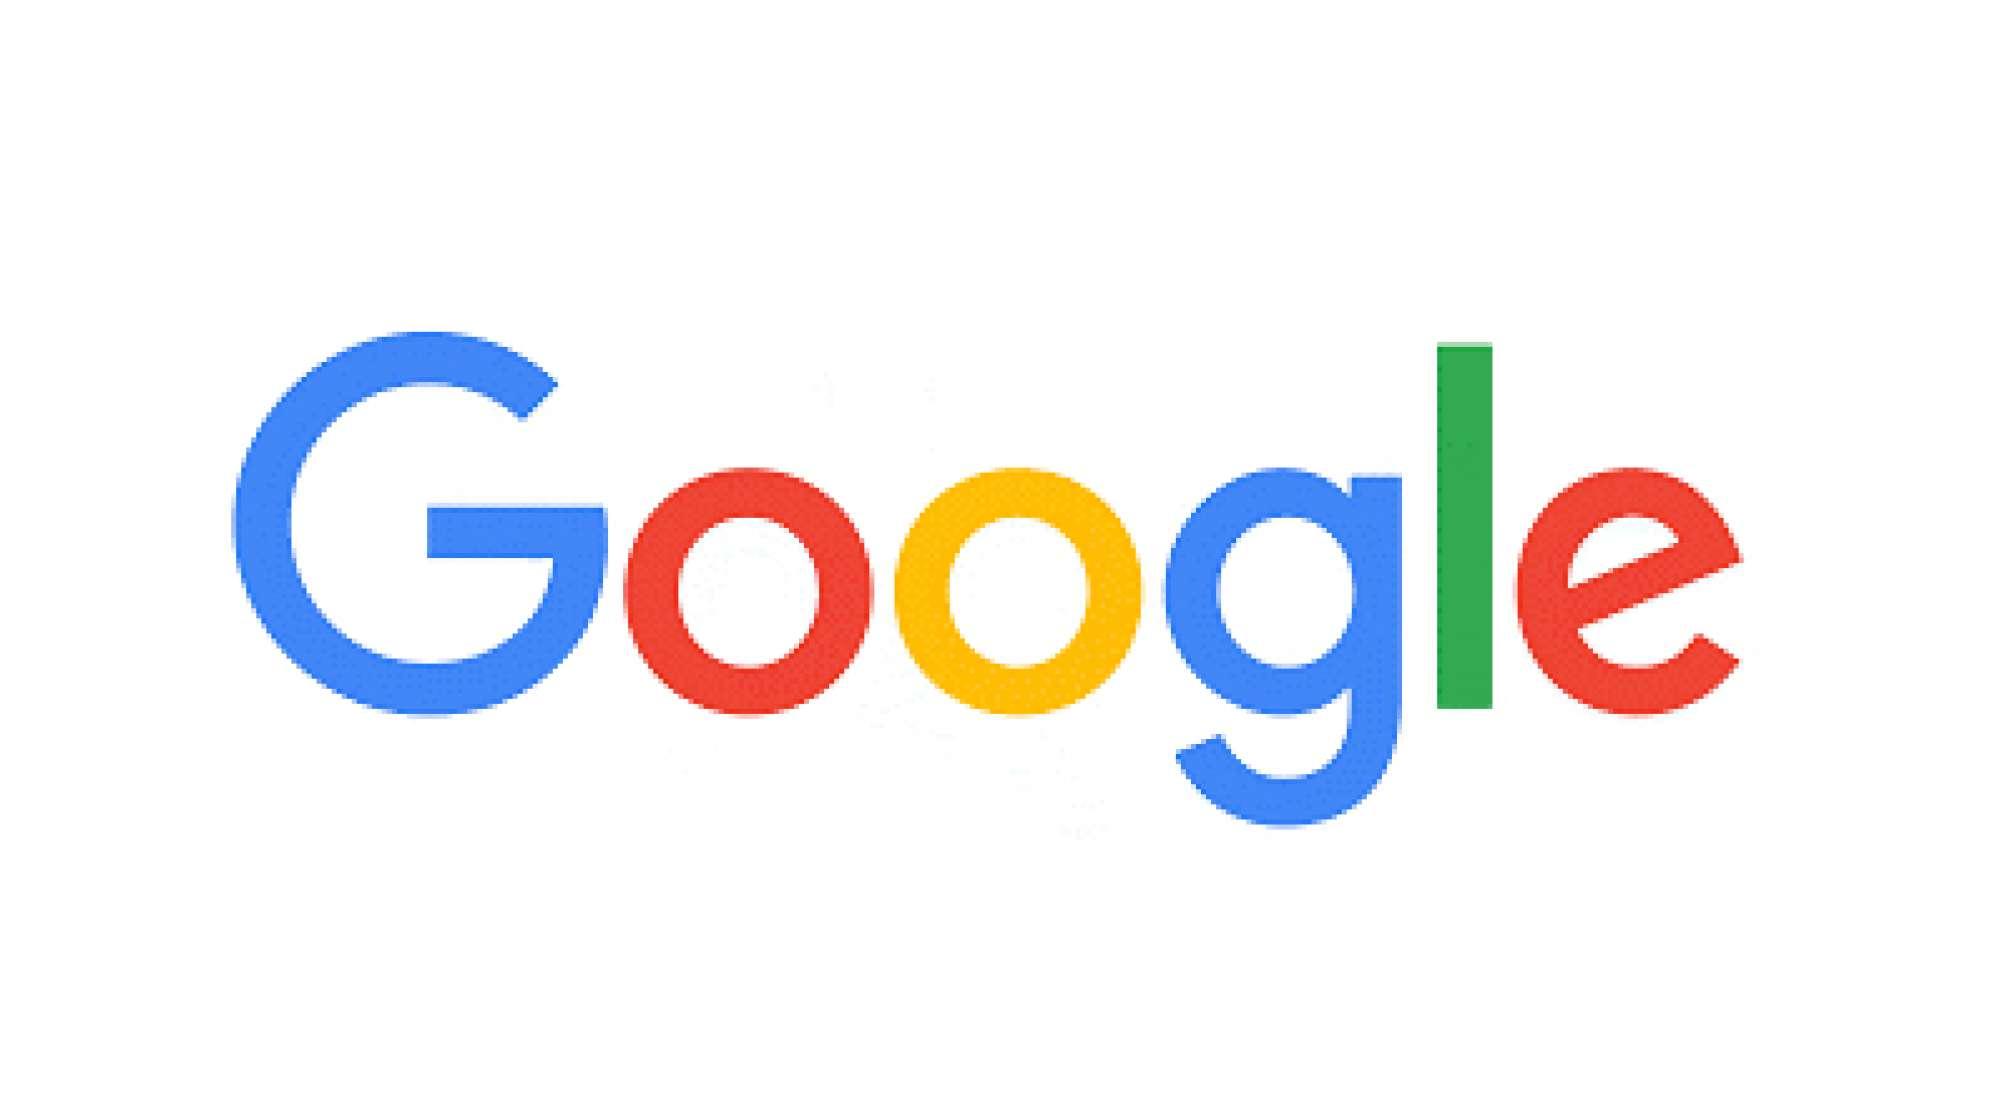 検索順位のアルゴリズムが大きく変わります